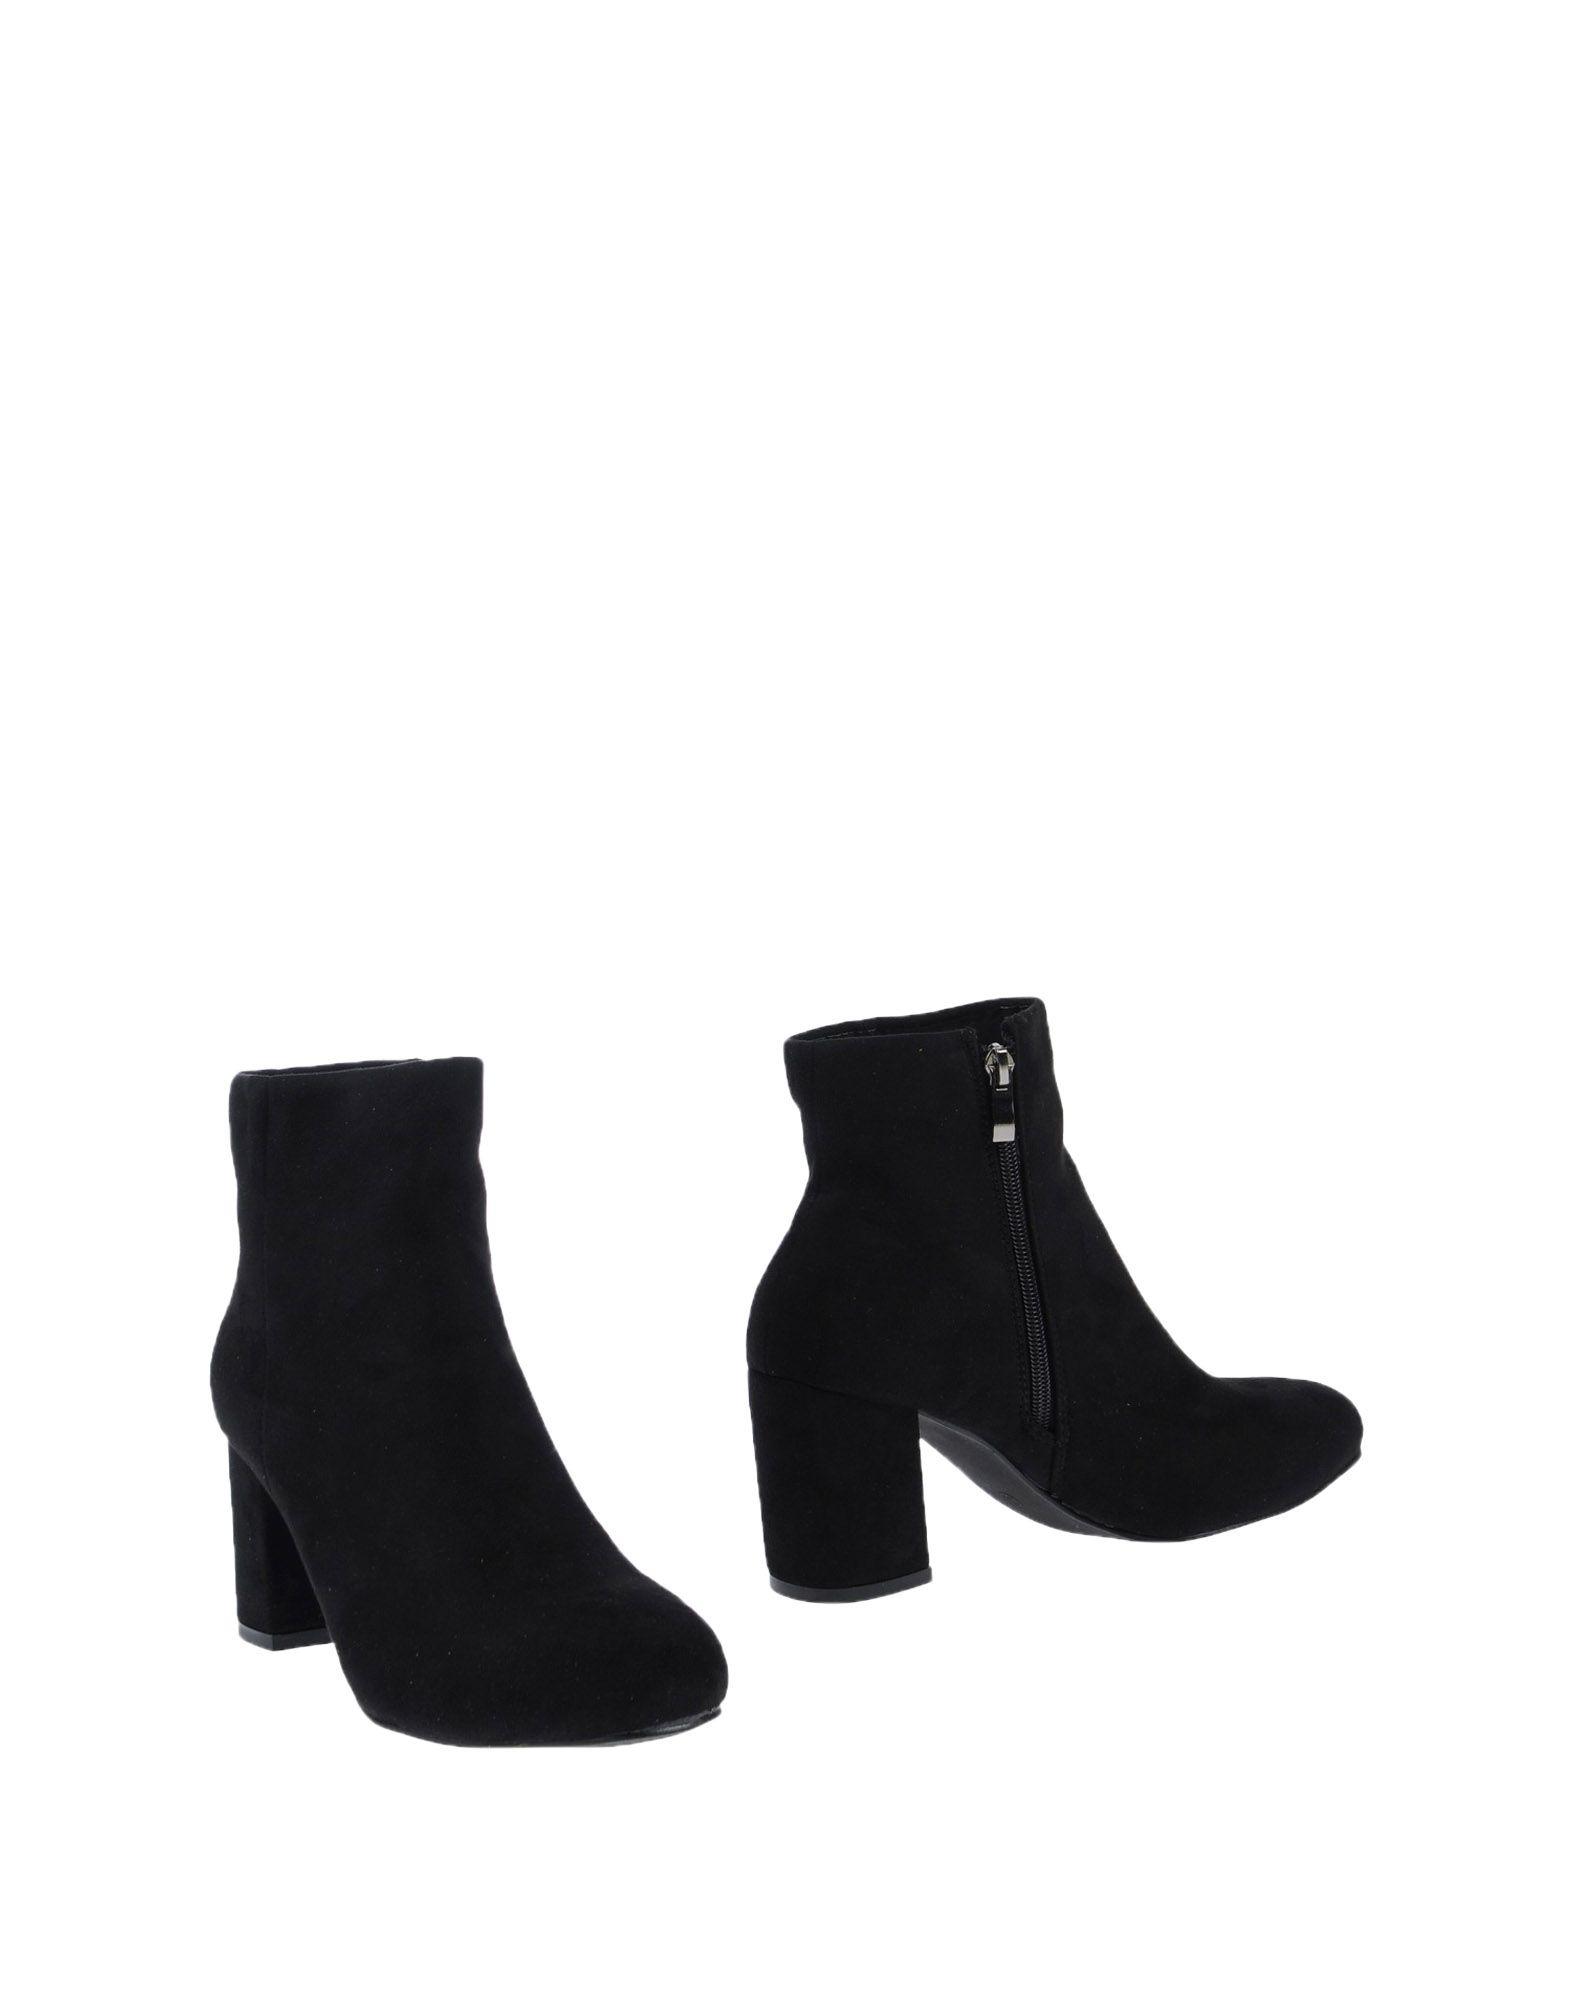 Vivien Lee Stiefelette Damen  11506780WR Gute Qualität beliebte Schuhe